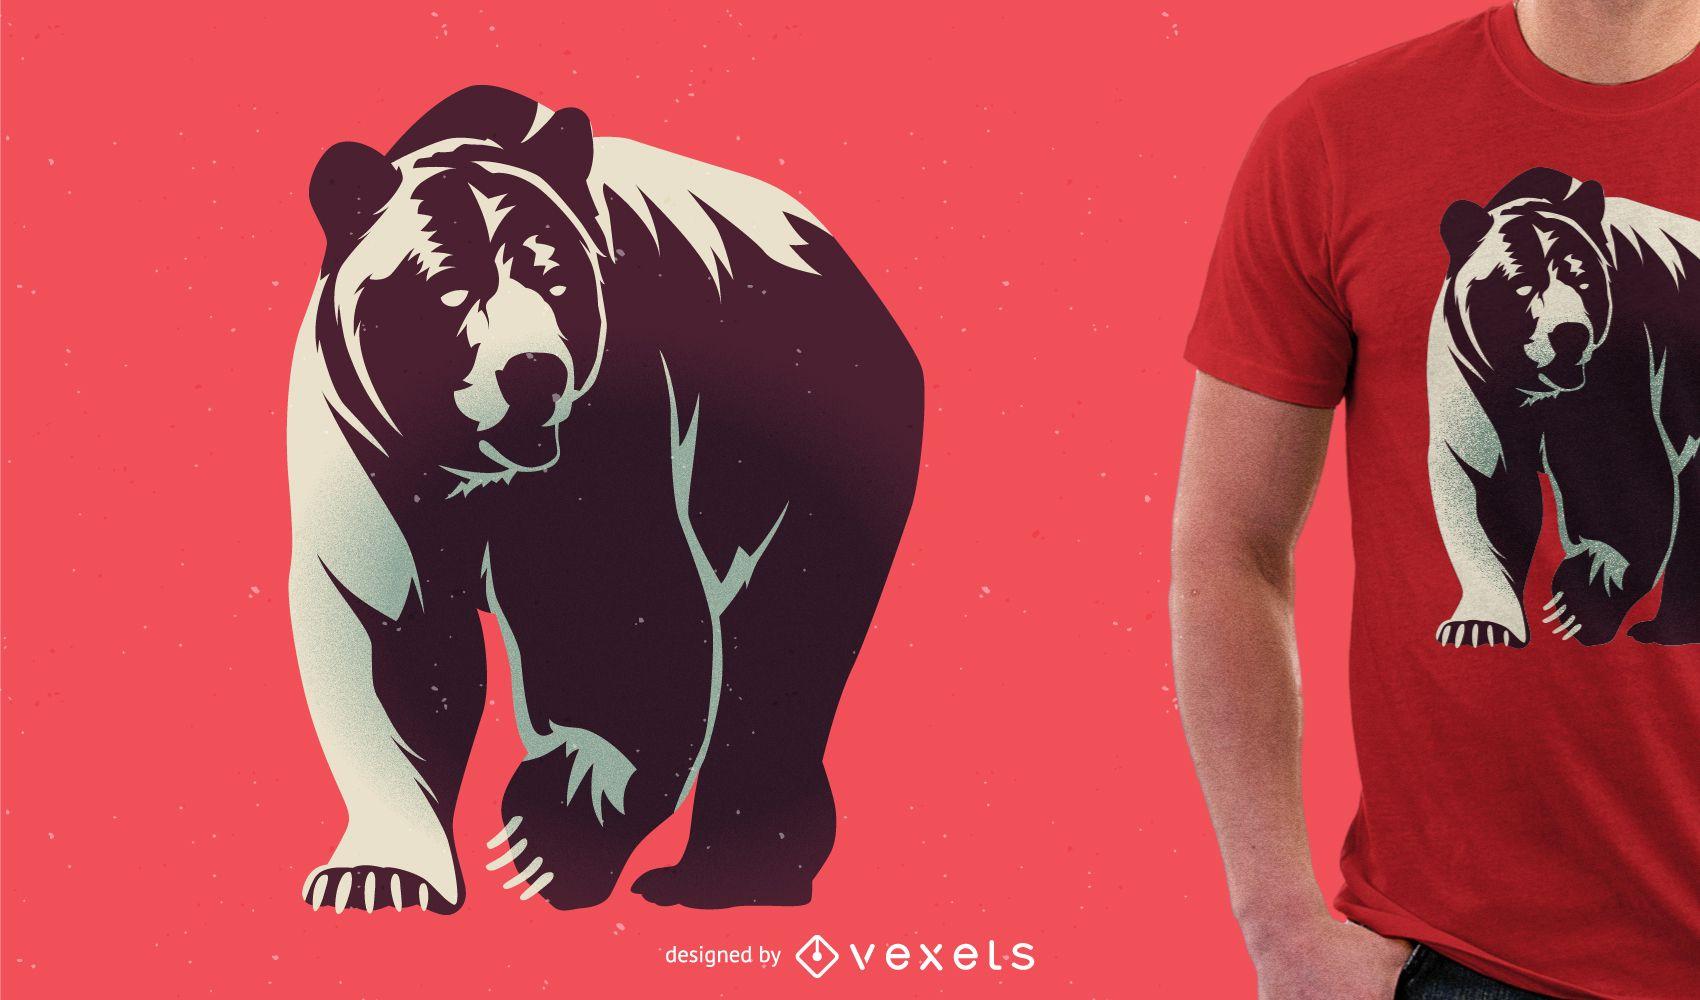 Bear illustration for tshirt merchandise